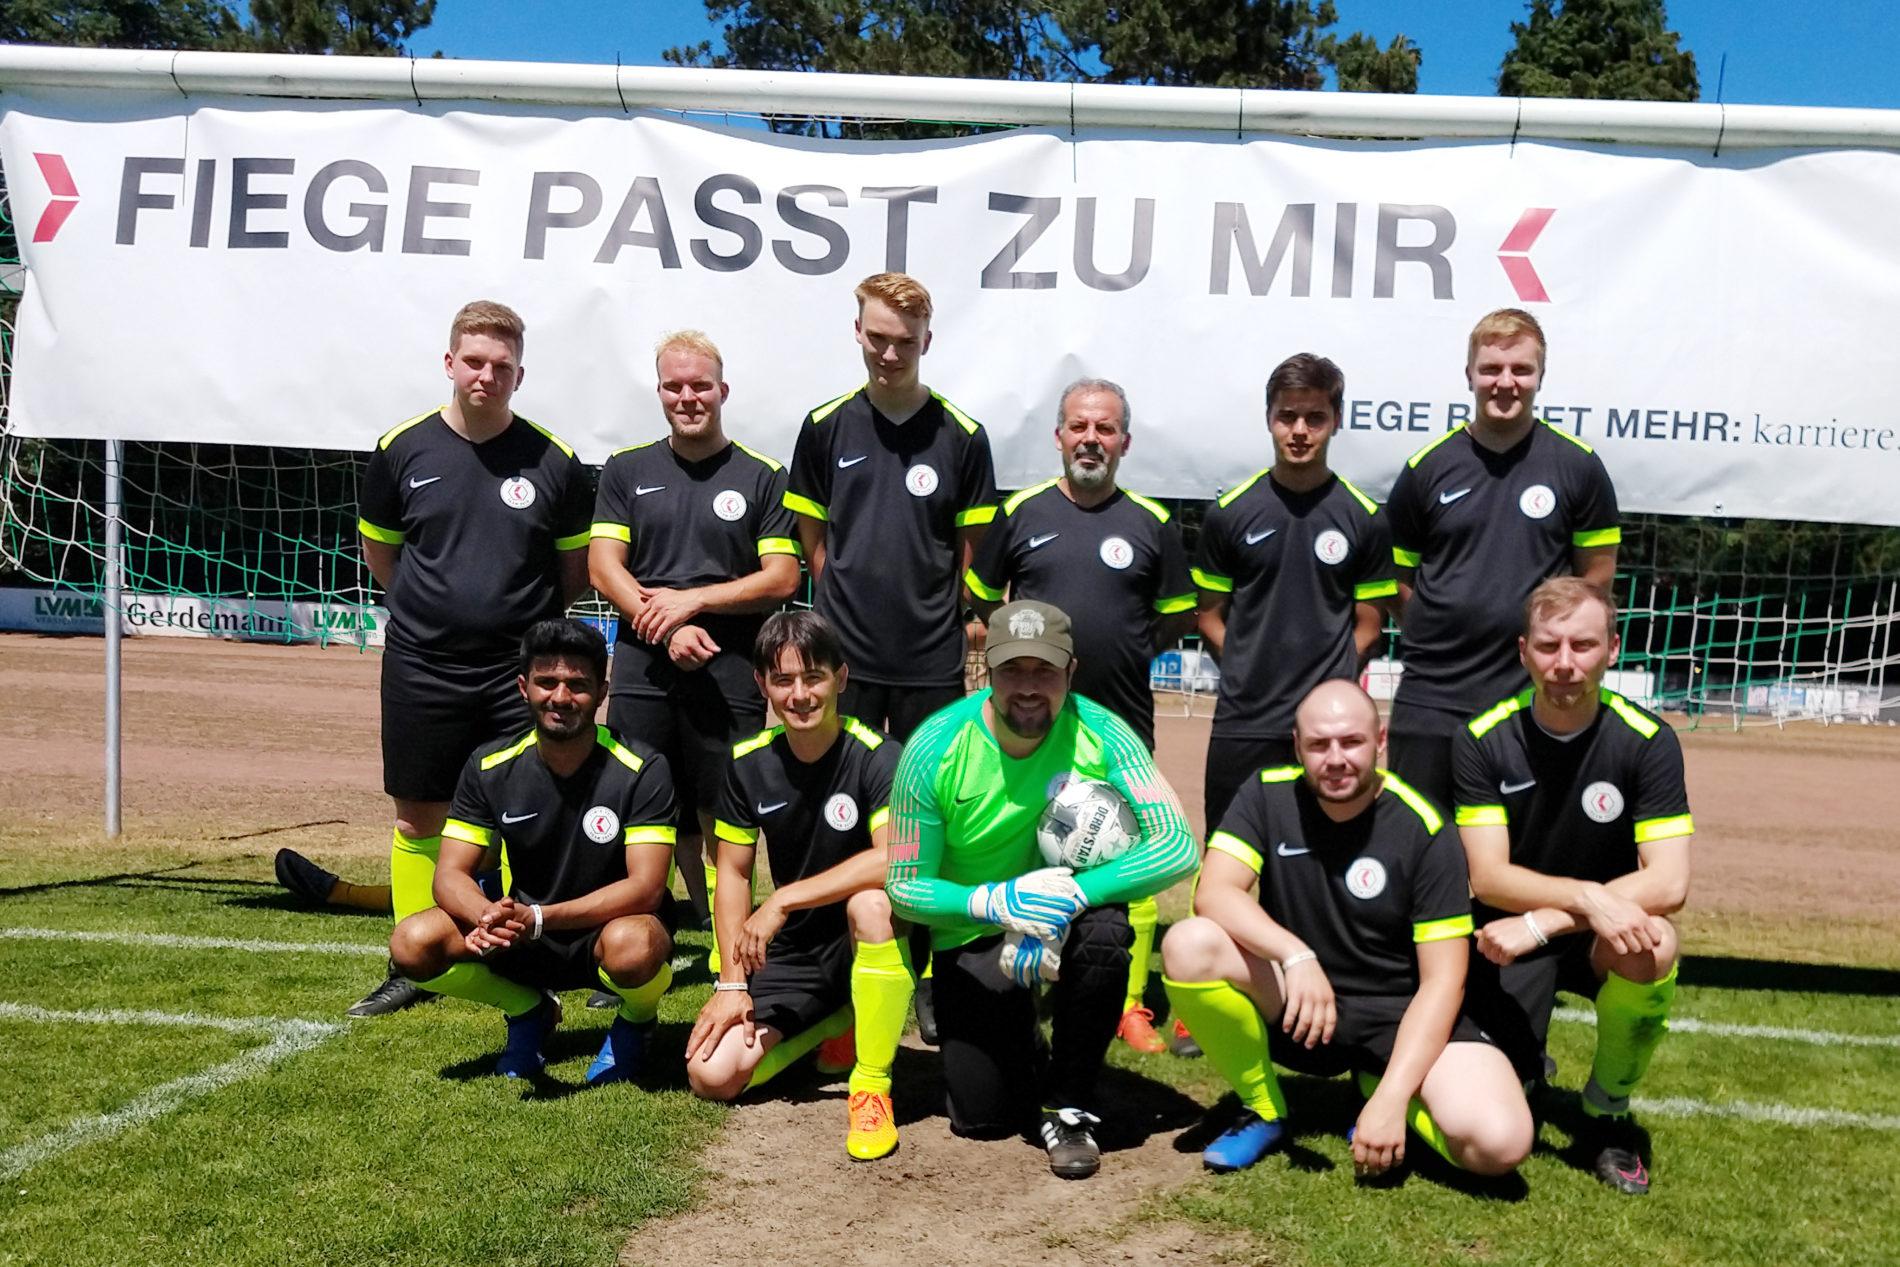 FIEGE tec erstmals mit eigener Mannschaft dabei!